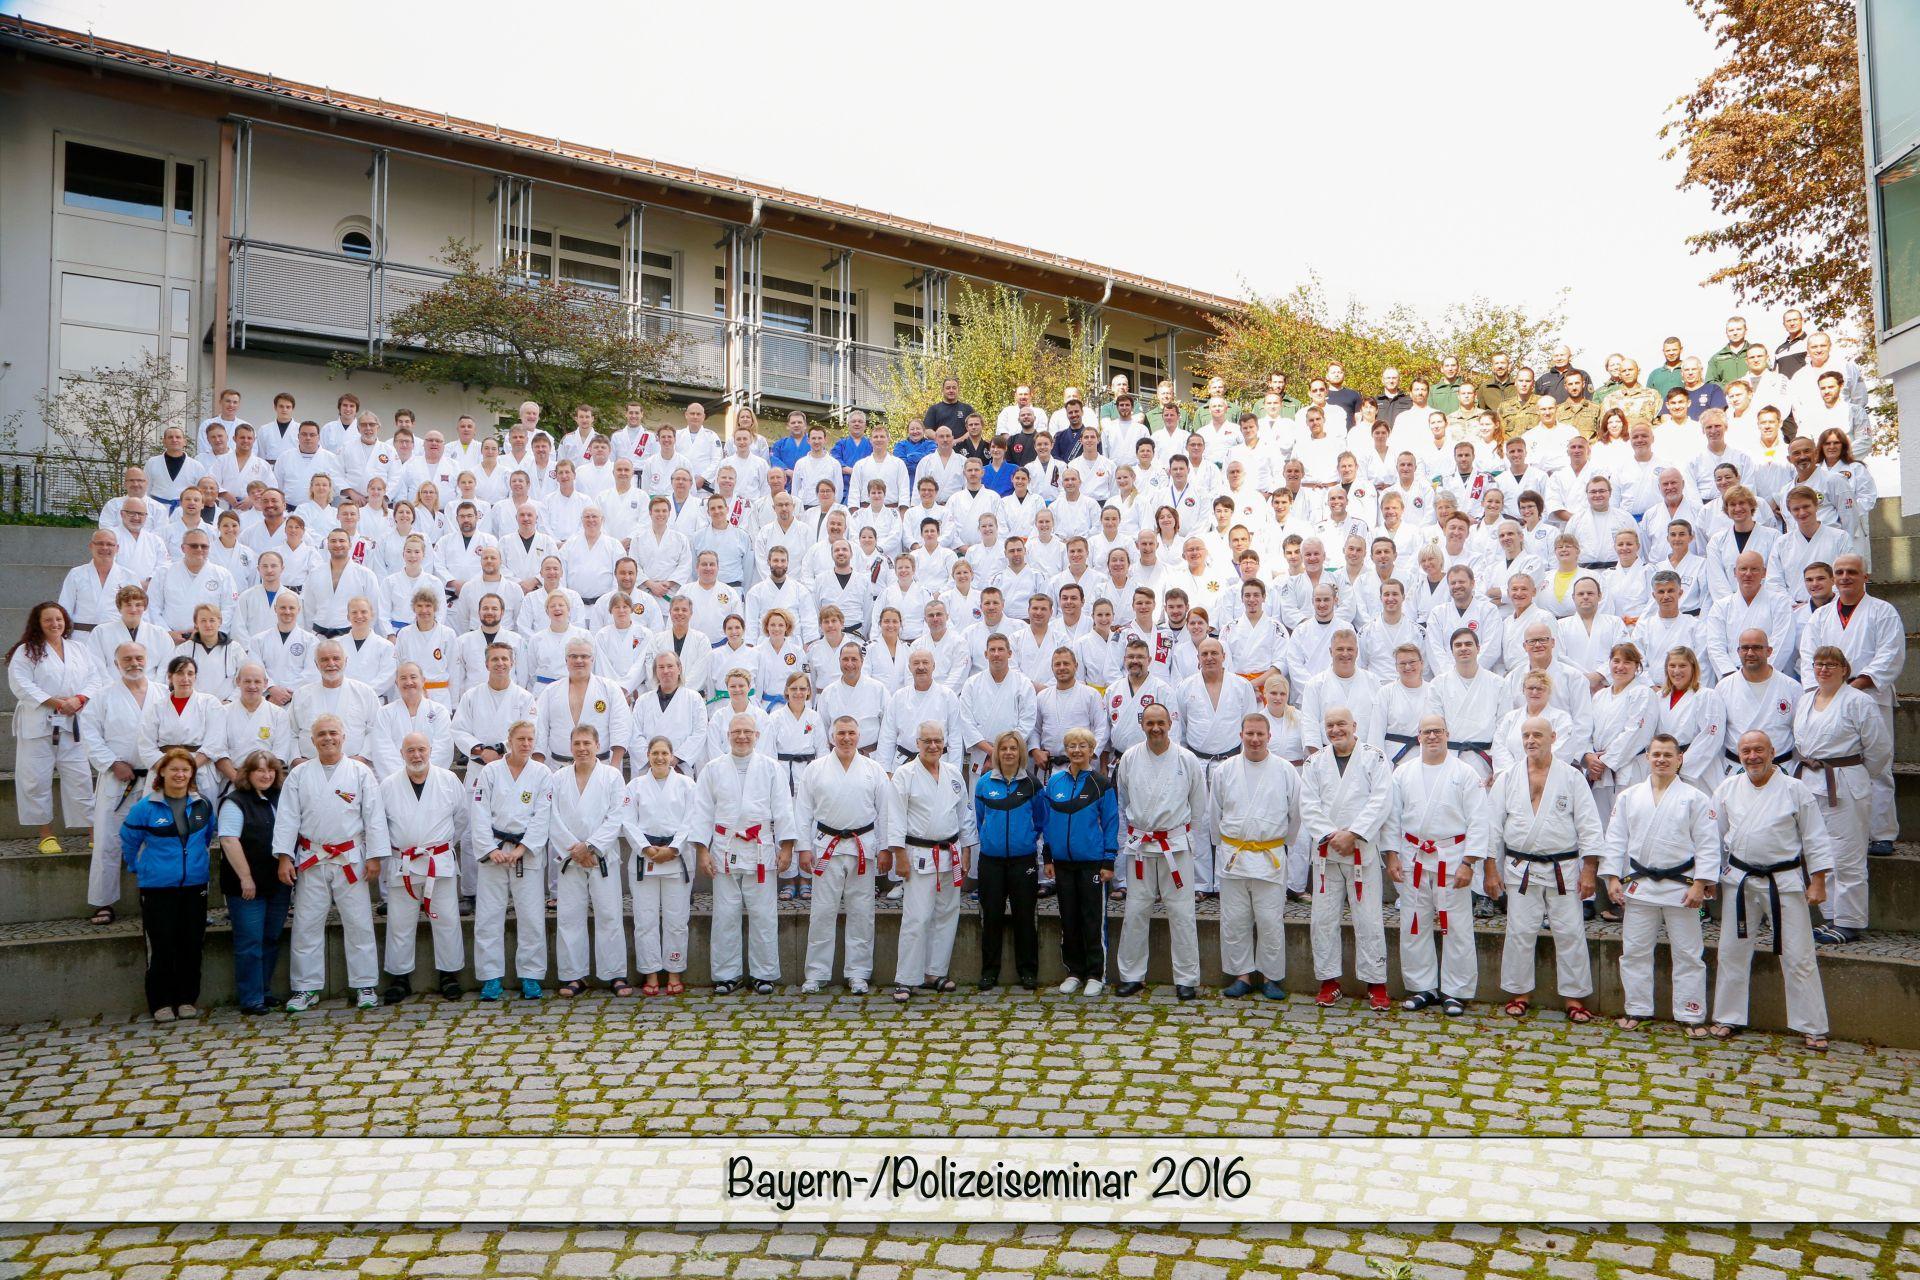 Bayernseminar 2016